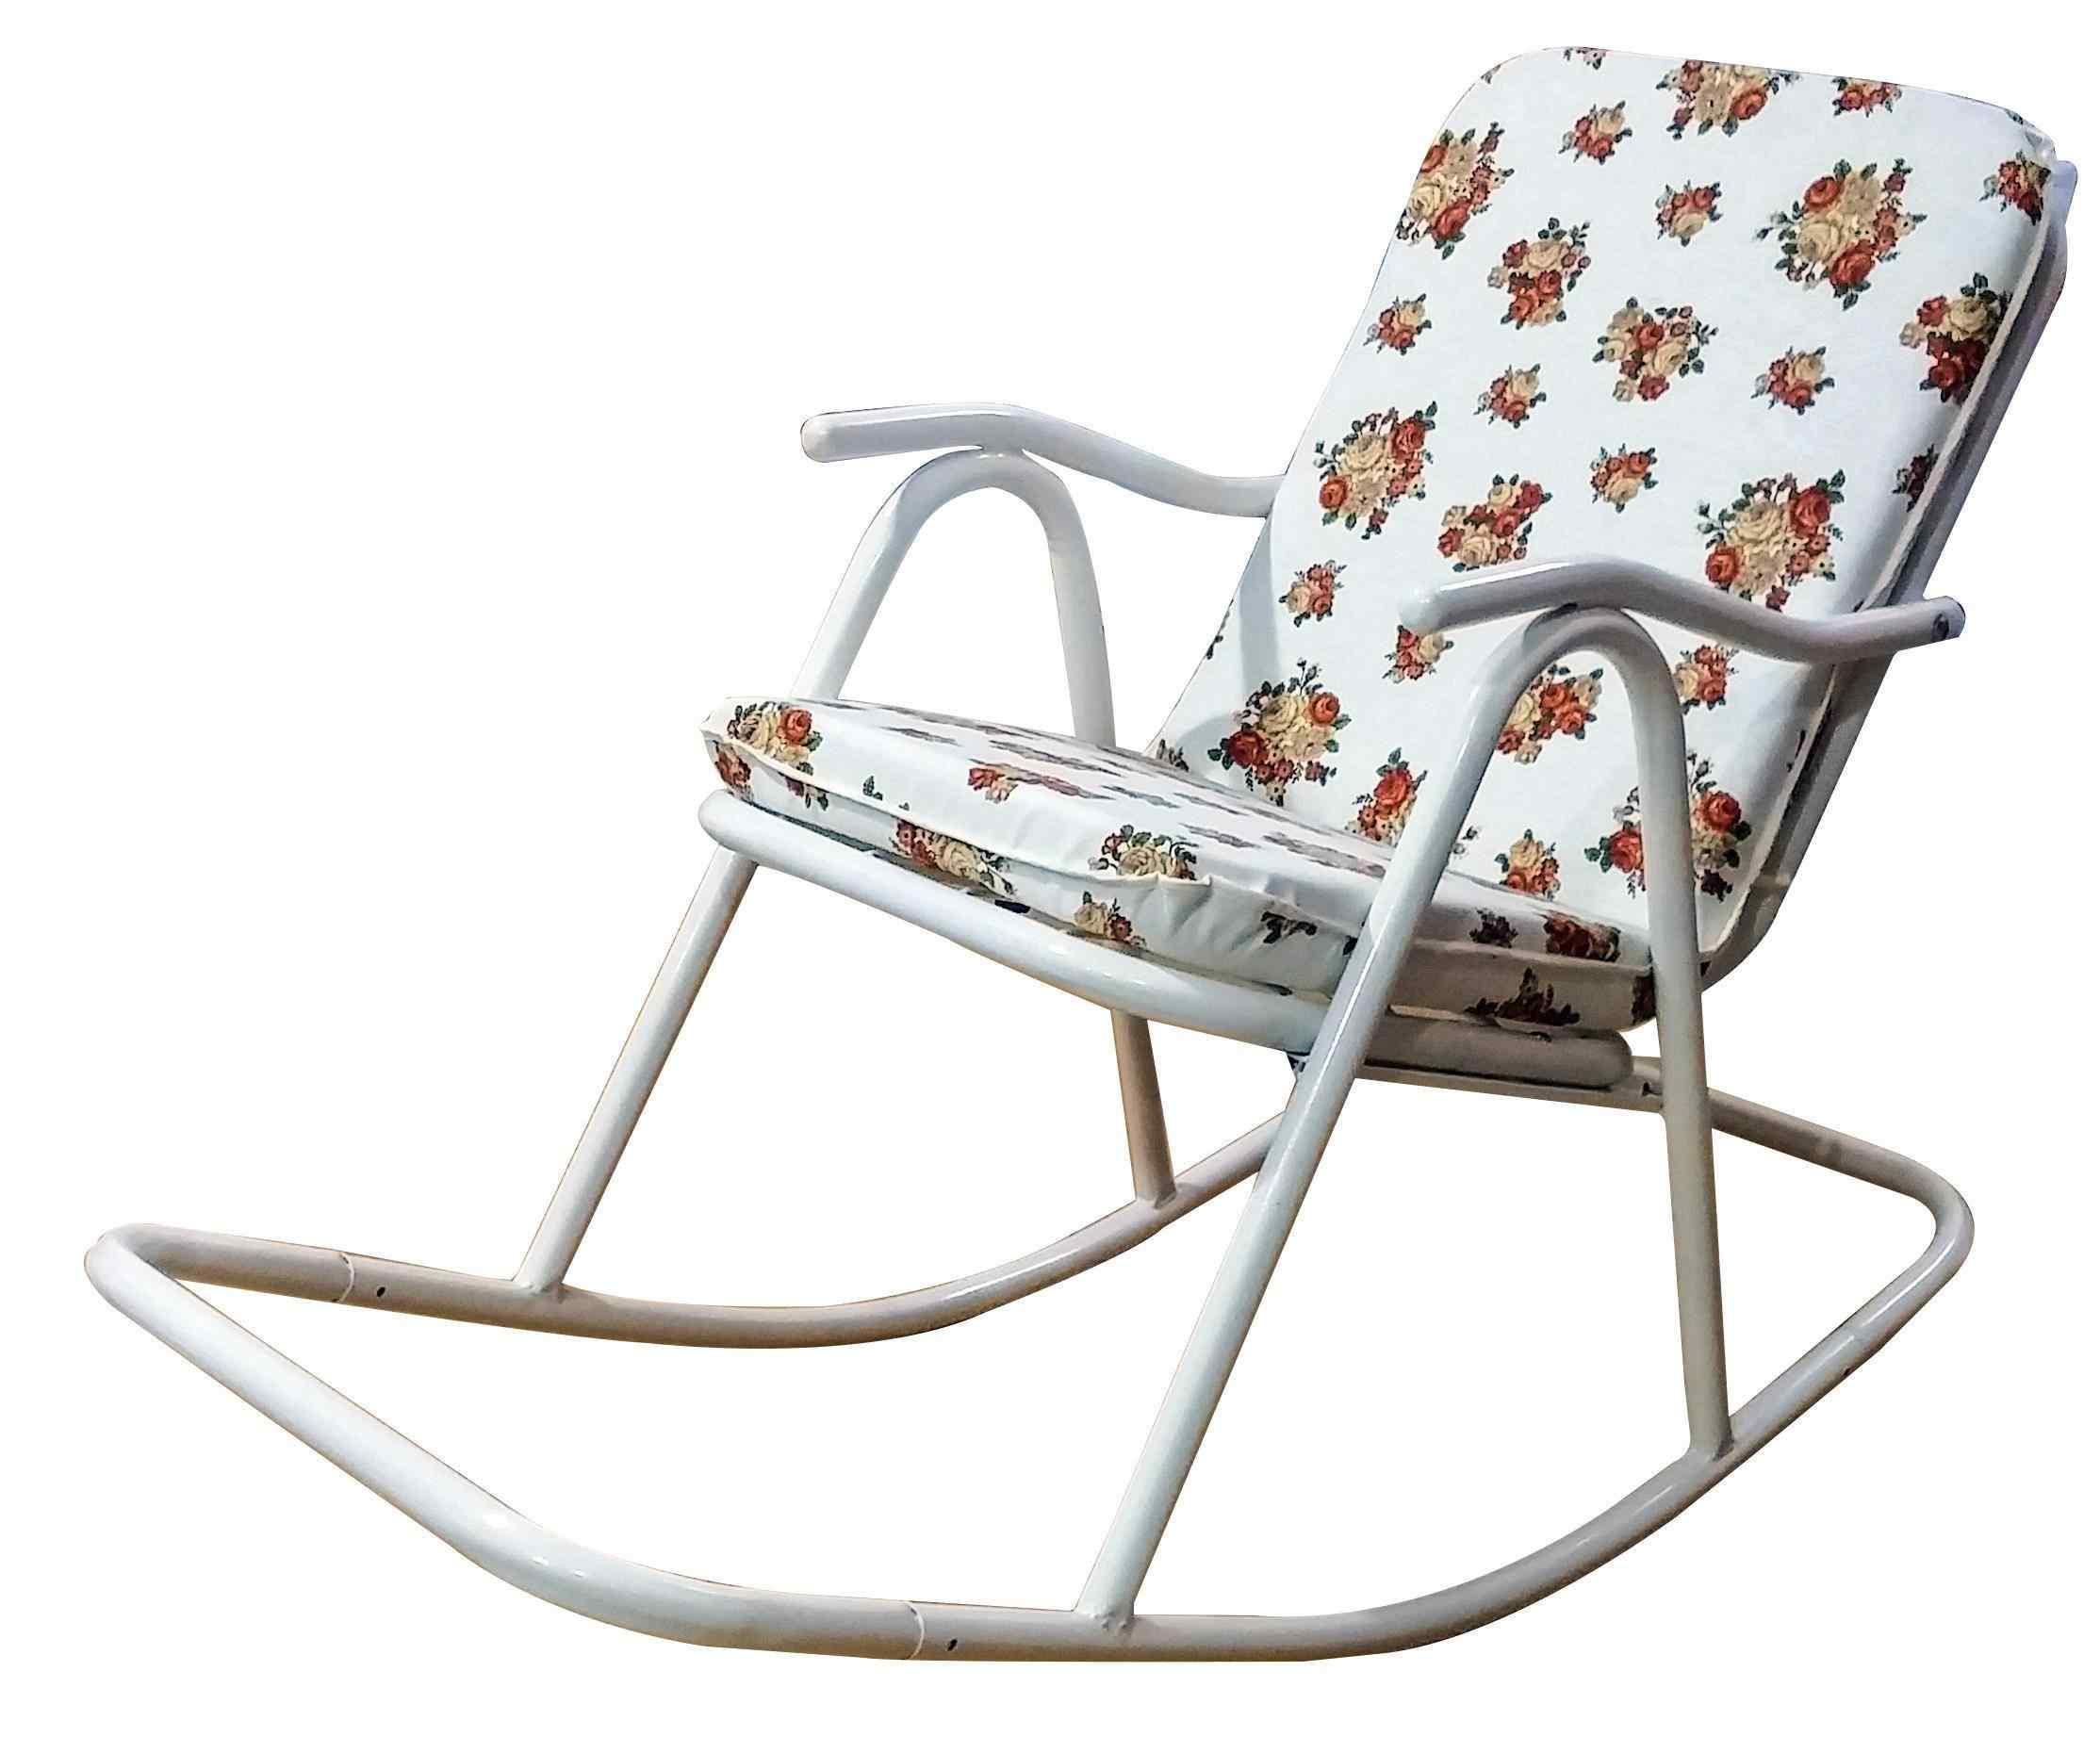 Yekta Alaska Metal Minderli Sallanır Baba Sandalyesi Bahçe Sandal